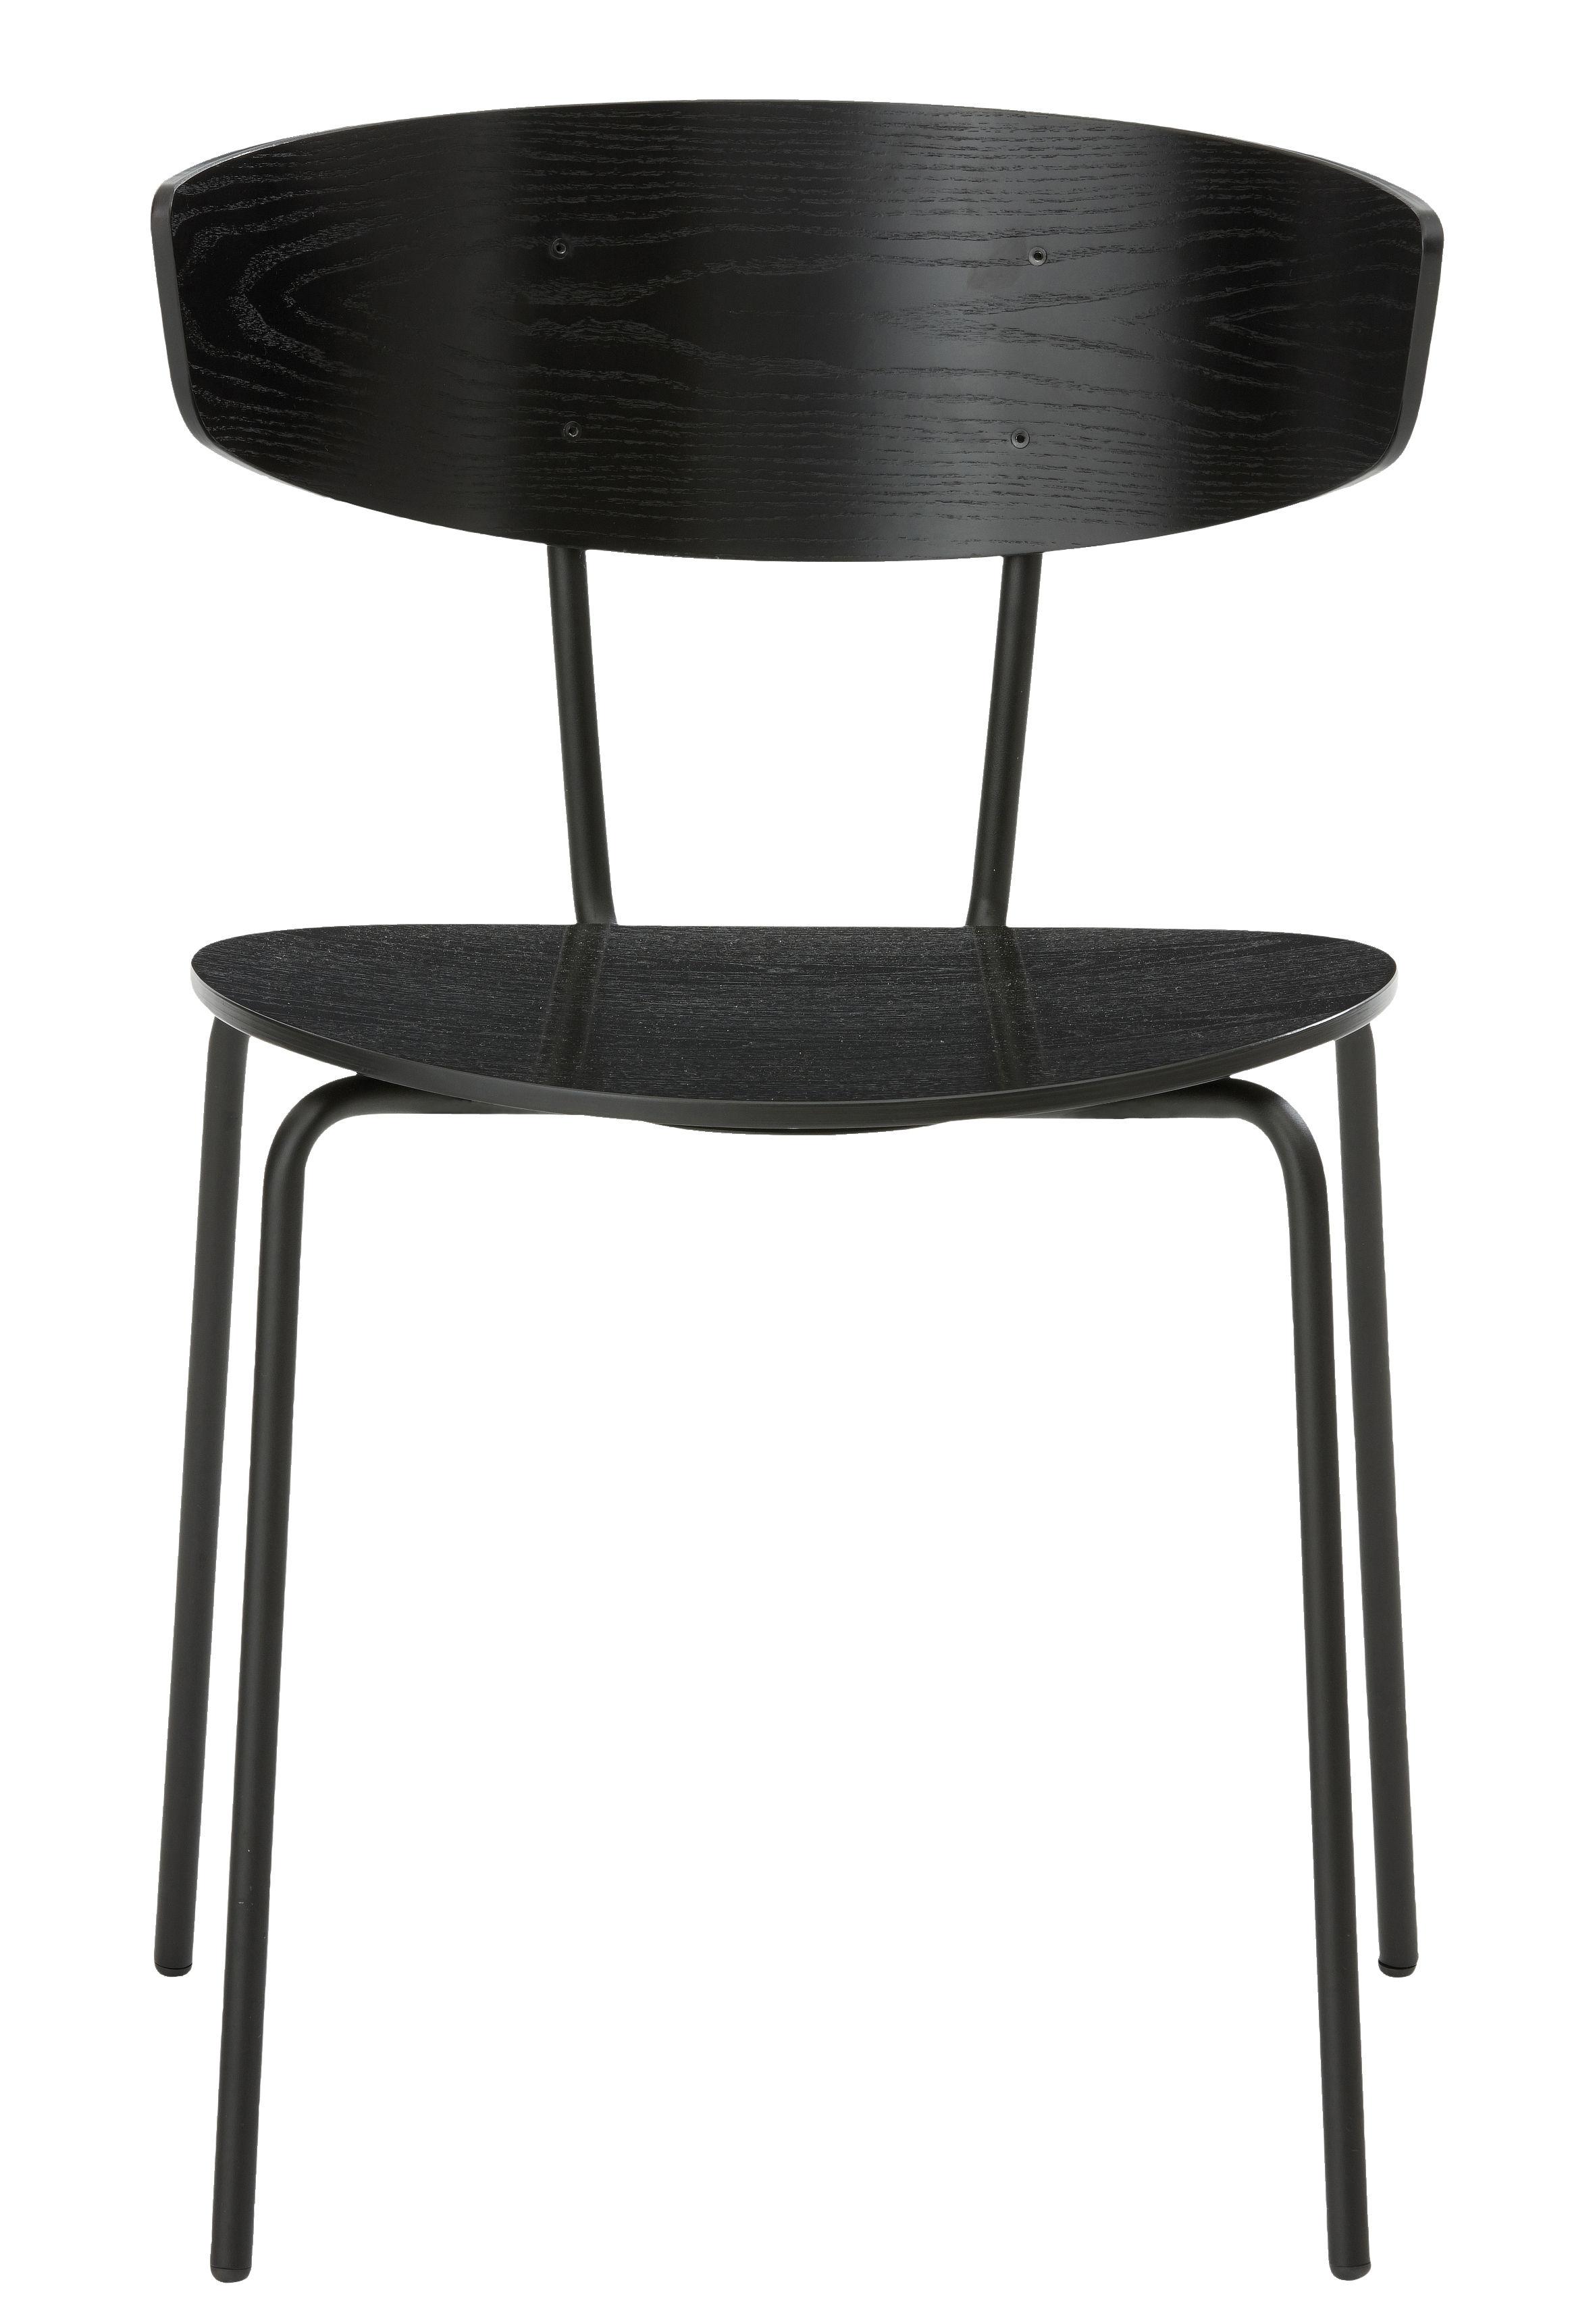 Mobilier - Chaises, fauteuils de salle à manger - Chaise empilable Herman / Bois & métal - Ferm Living - Noir - Acier laqué époxy, Contreplaqué de chêne laqué